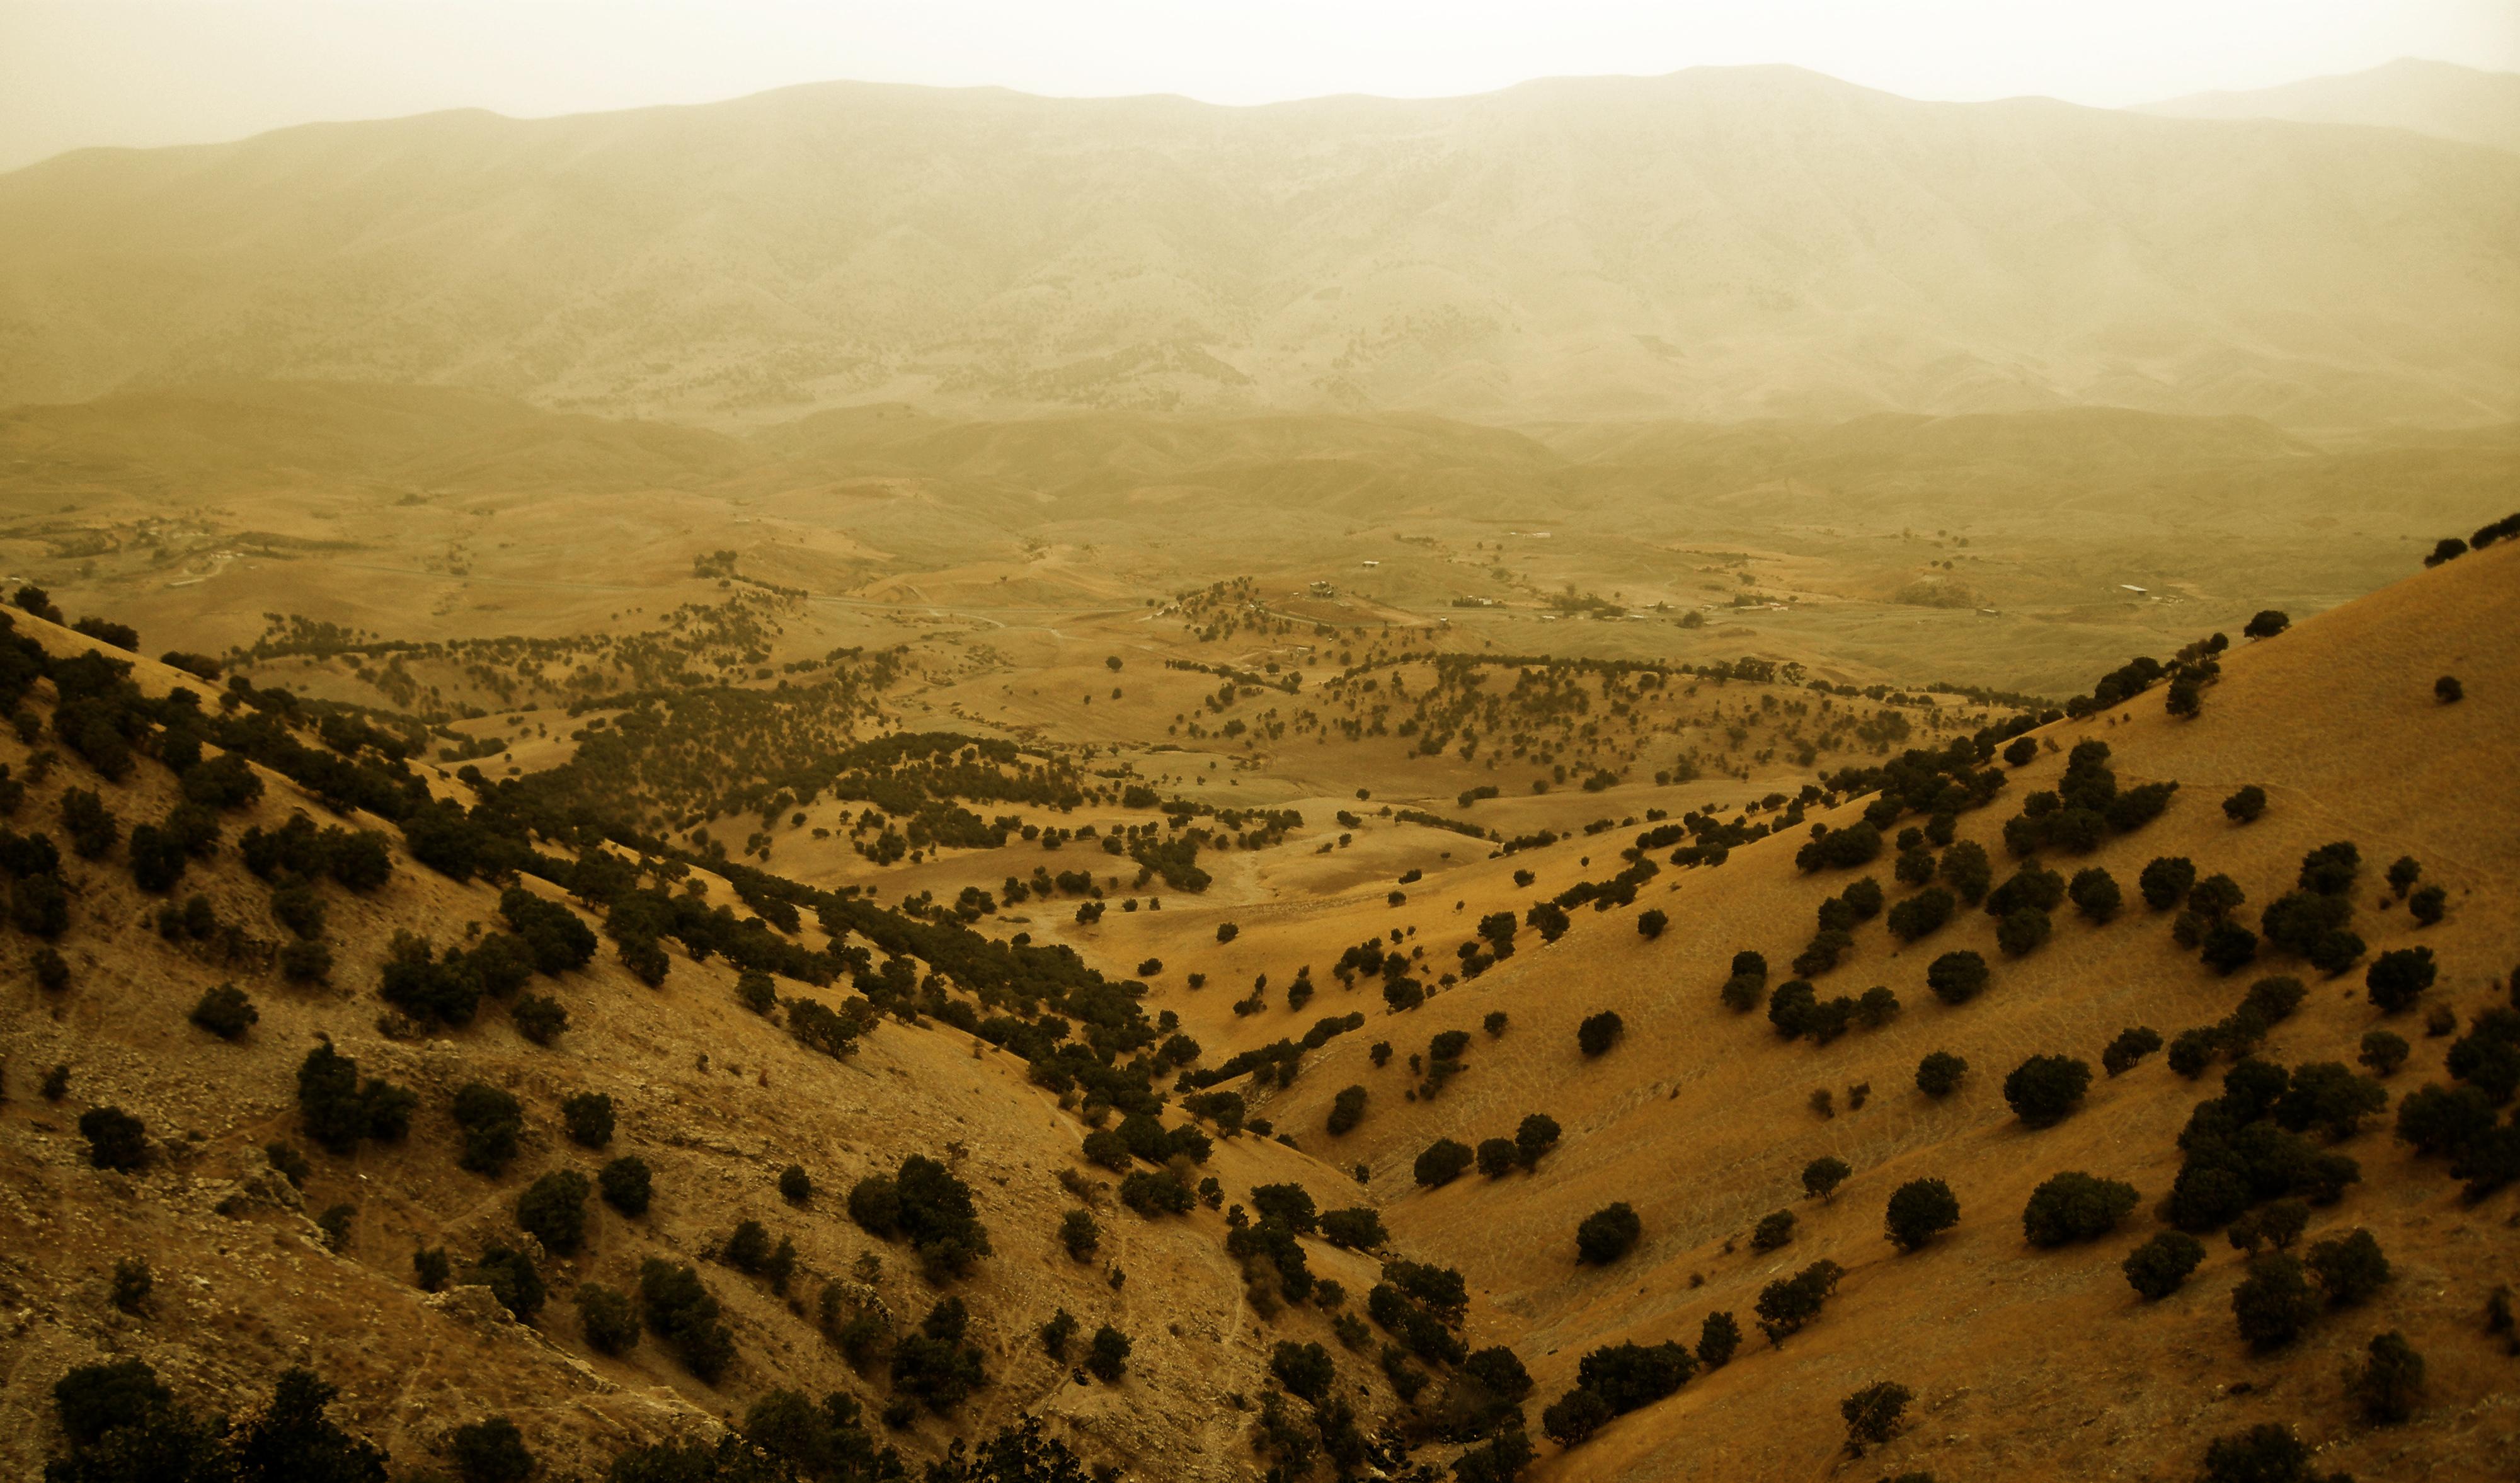 Landscape from Kurdistan / Iraq by KPerhonen